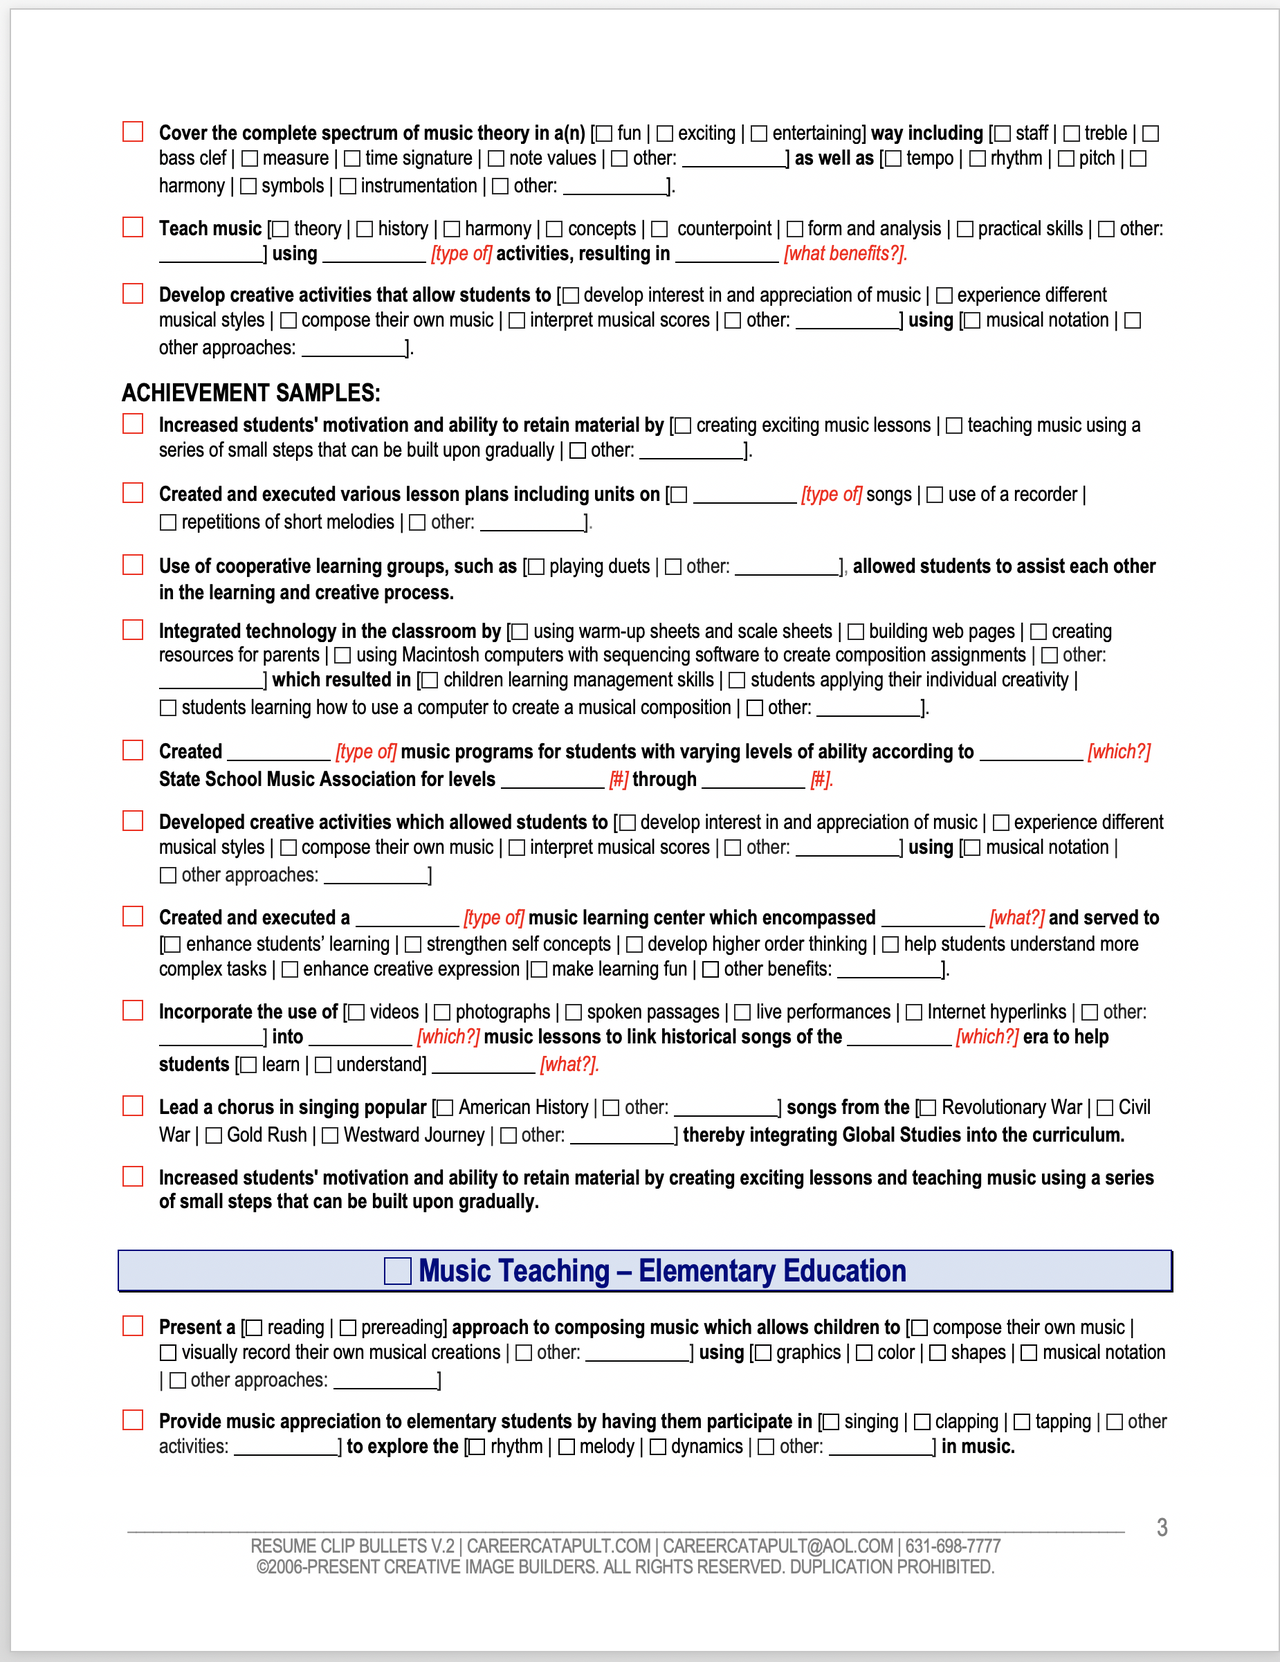 resume clipbullets sample - pg.3.png